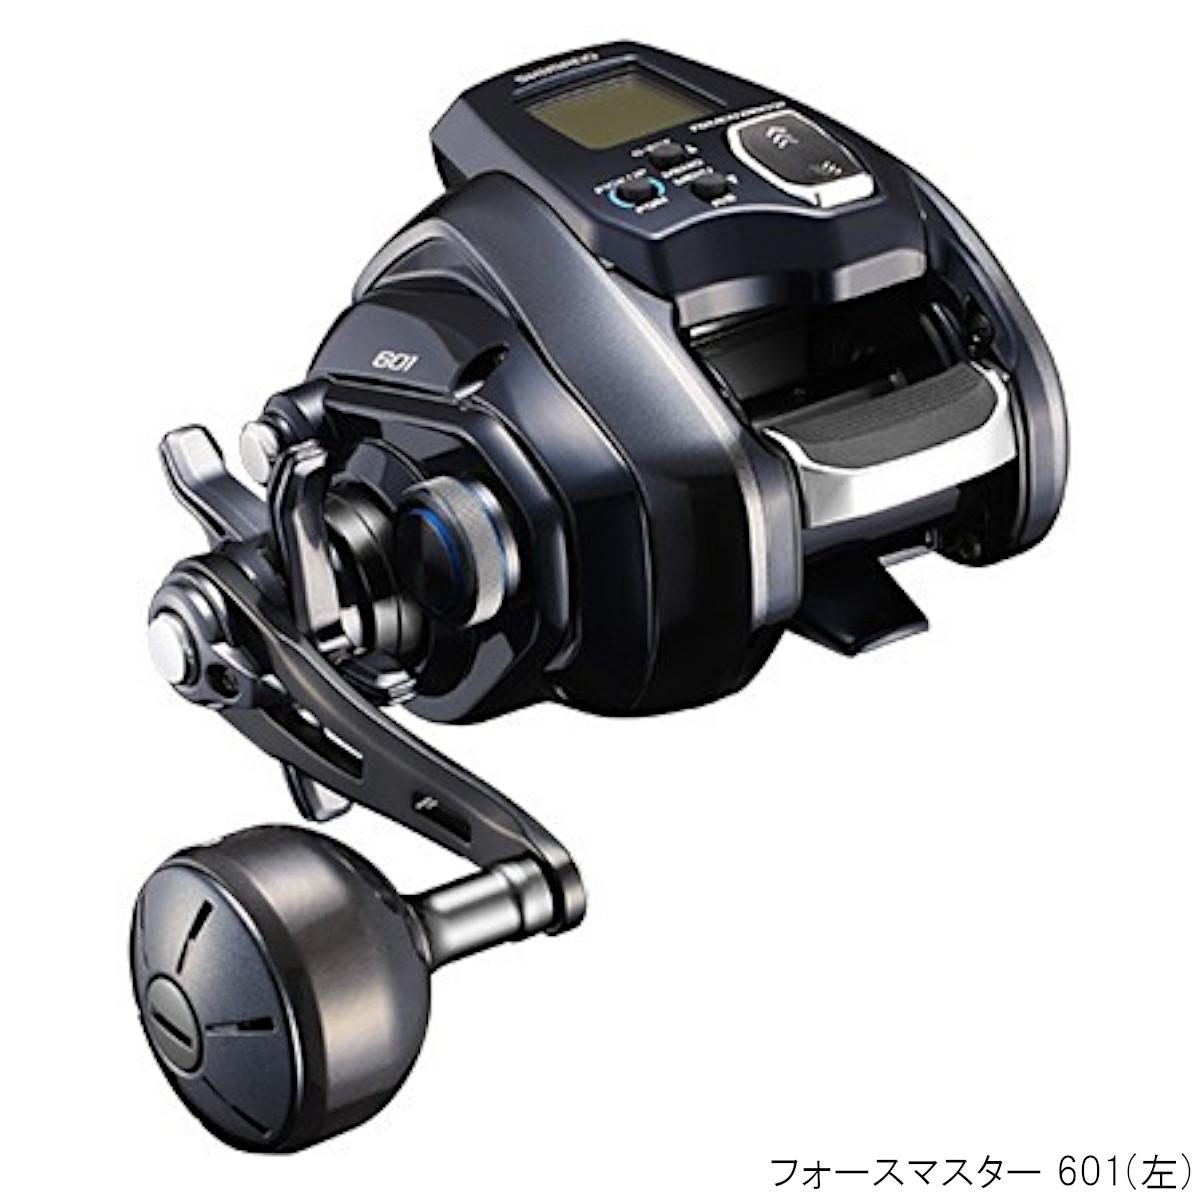 フォースマスター 601 左巻き 電動リール 2020年モデル シマノ 運動会 喜寿祝 葬儀